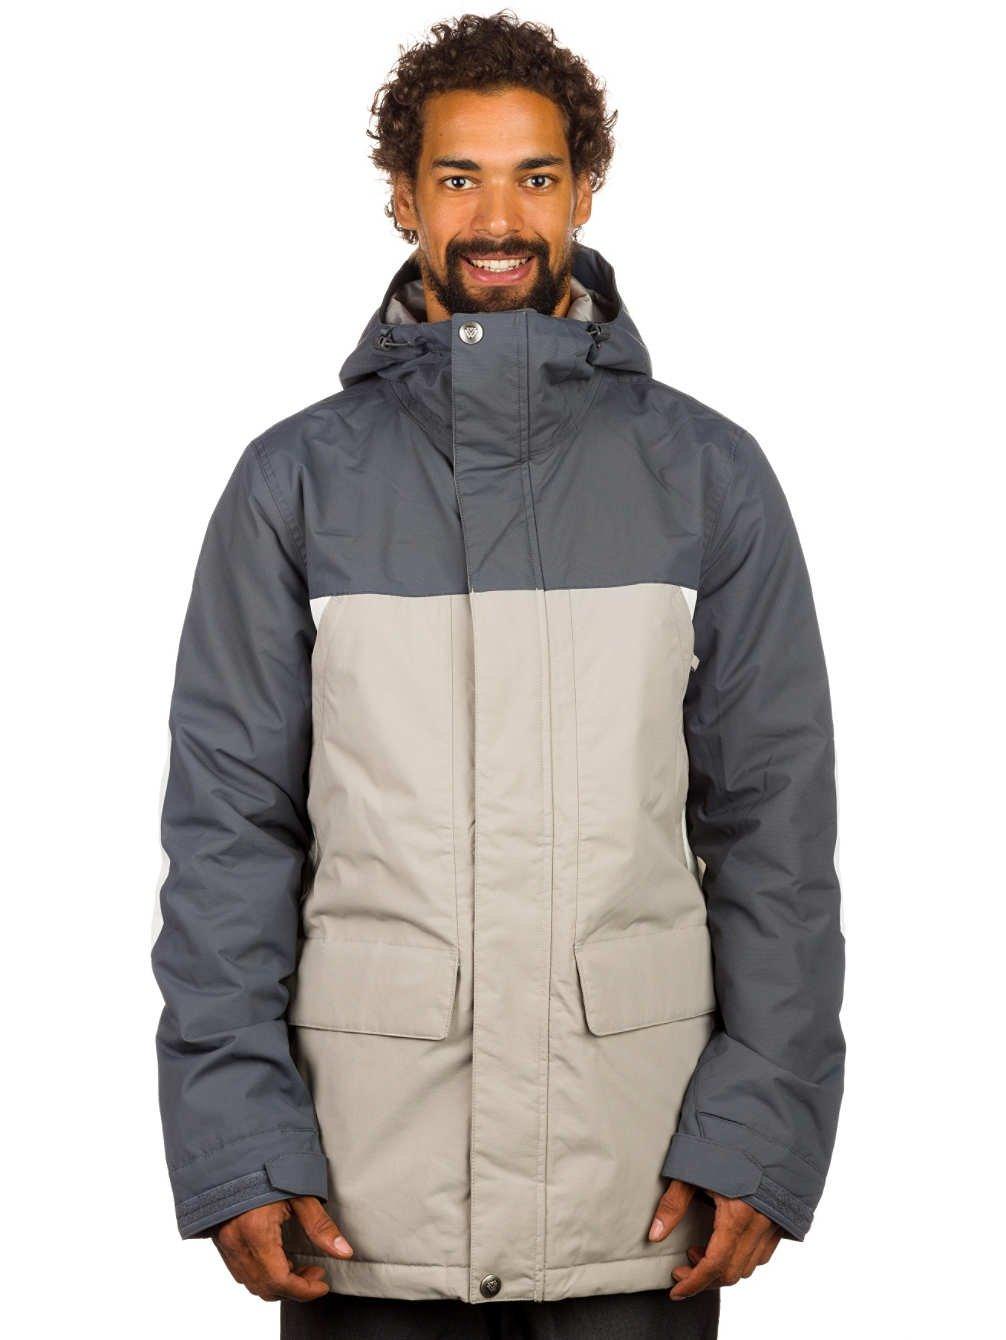 Herren Snowboard Jacke Burton Twc Headliner Jacket jetzt kaufen